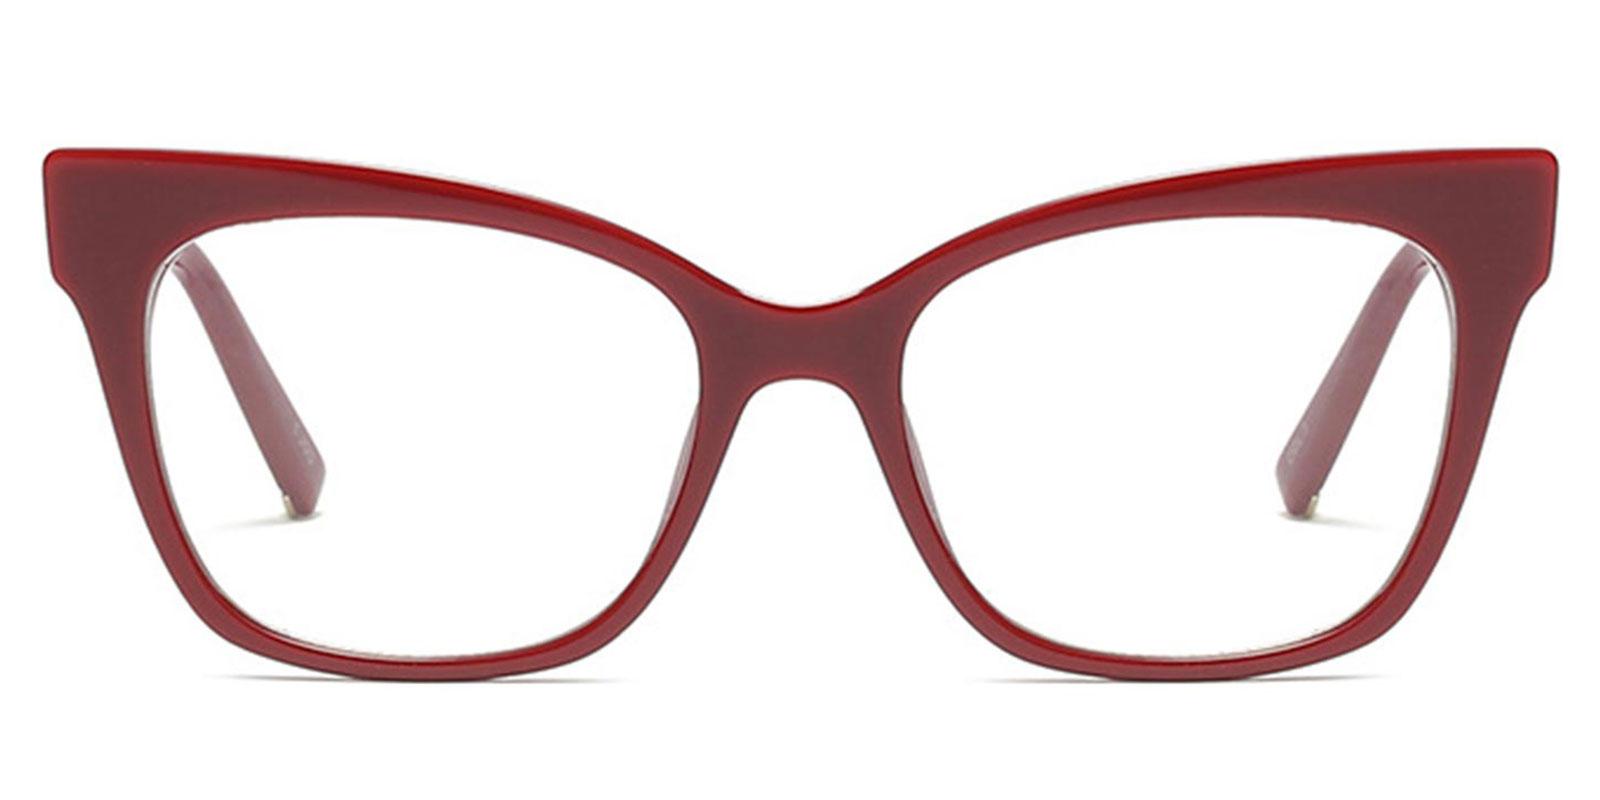 Valeska-4 Colors cat eye eyeglasses